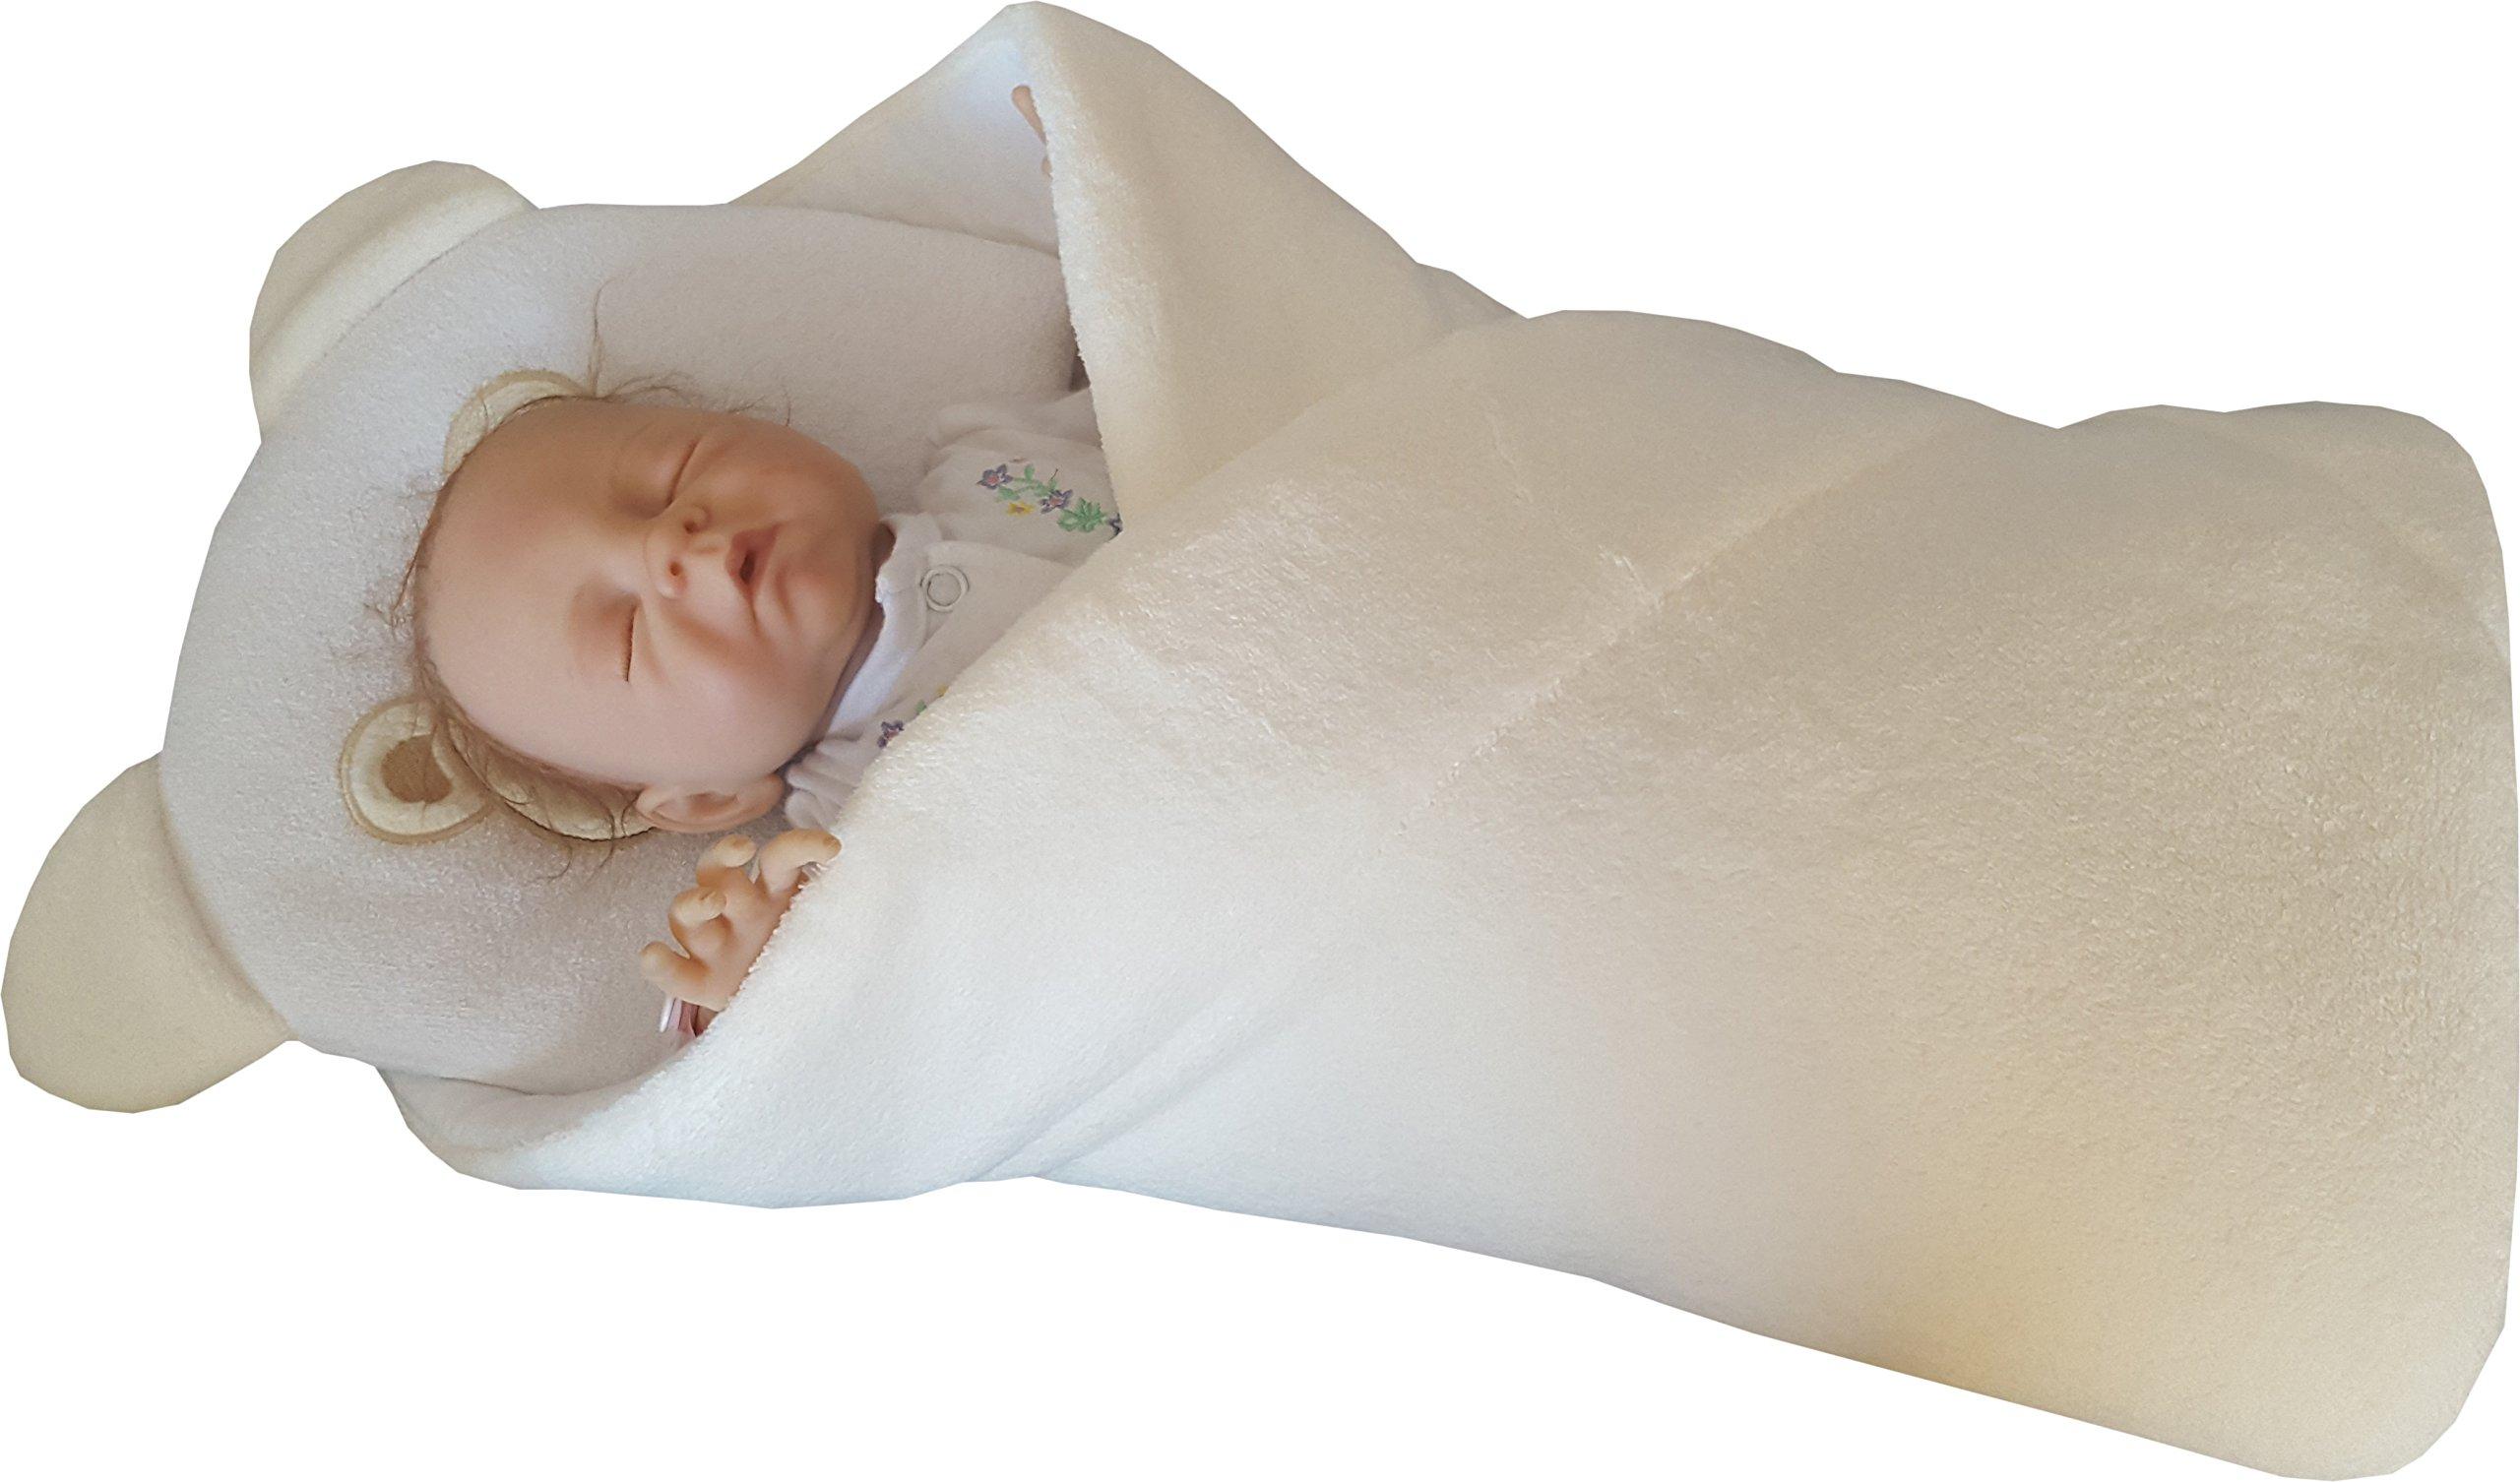 BlueberryShop manta – cambiador con almohada de forro polar | Saco de dormir para bebés recién nacidos | Para bebés de 0-3 meses | Regalo perfecto para Baby Shower | 78 x 78 cm